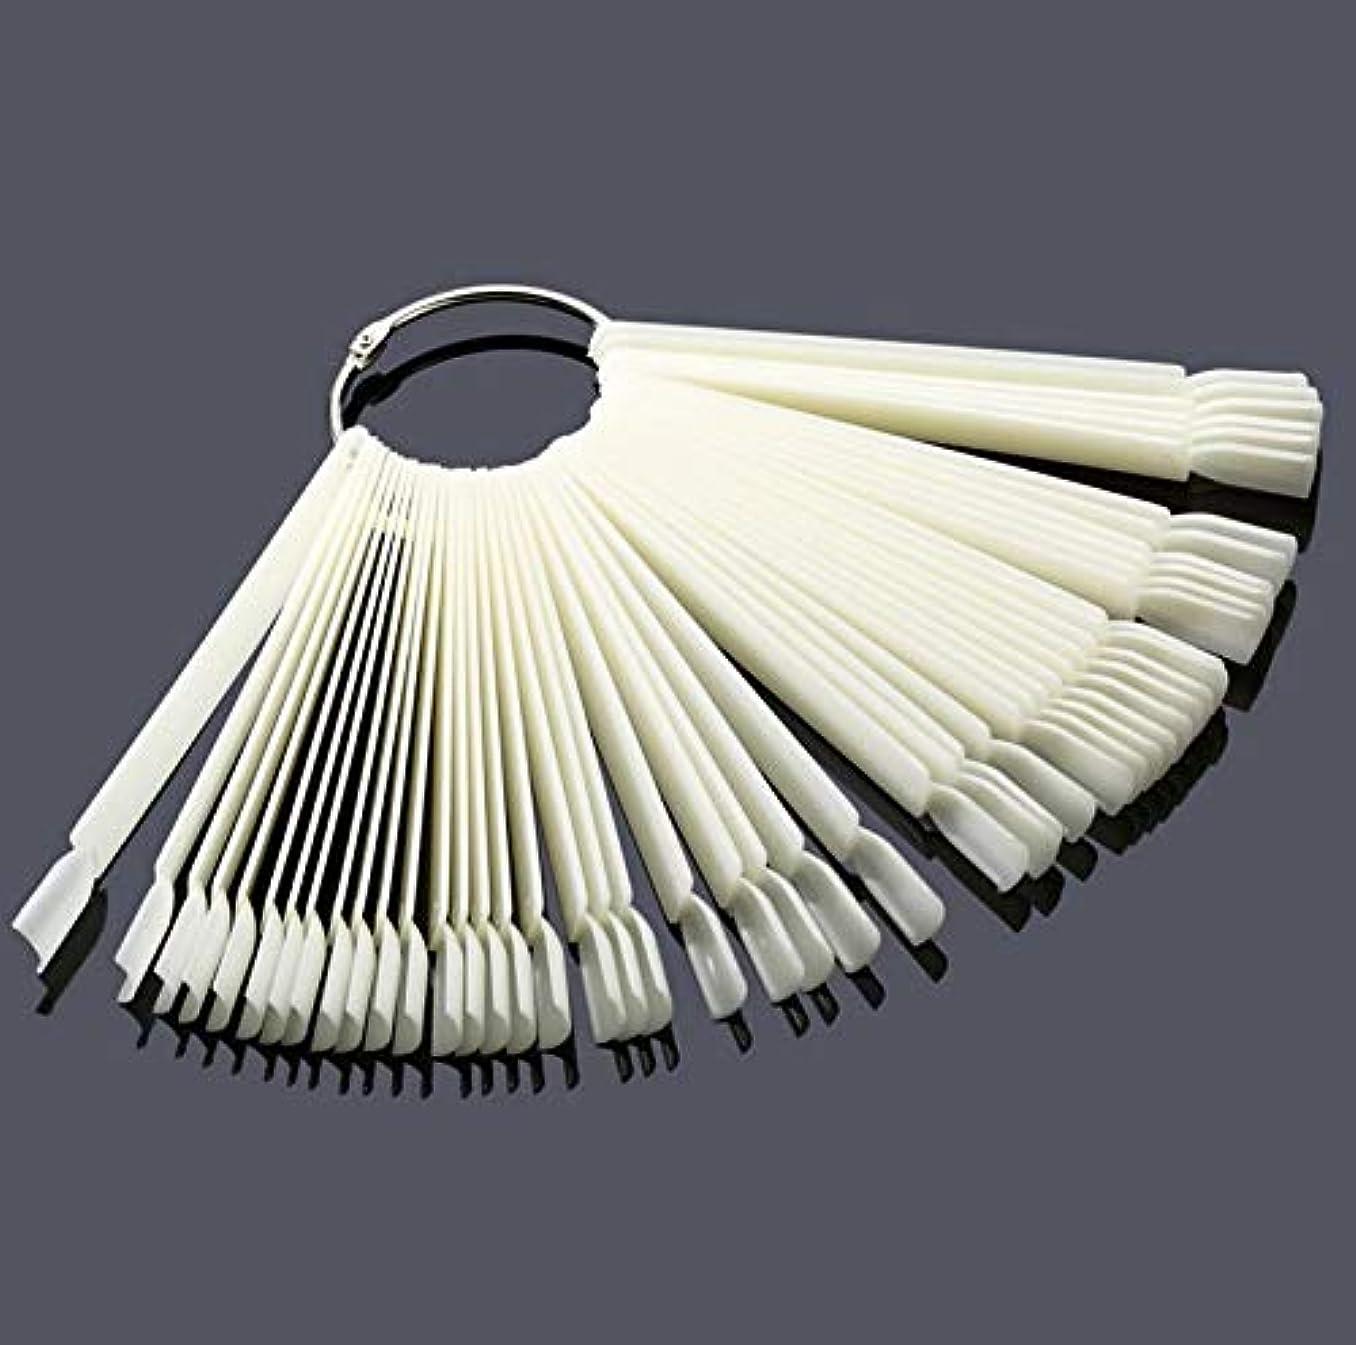 乳剤こねる補正FidgetGear 50グリッド偽ネイルアートのヒントカラーカード透明ホワイトリング練習ディスプレイ 白